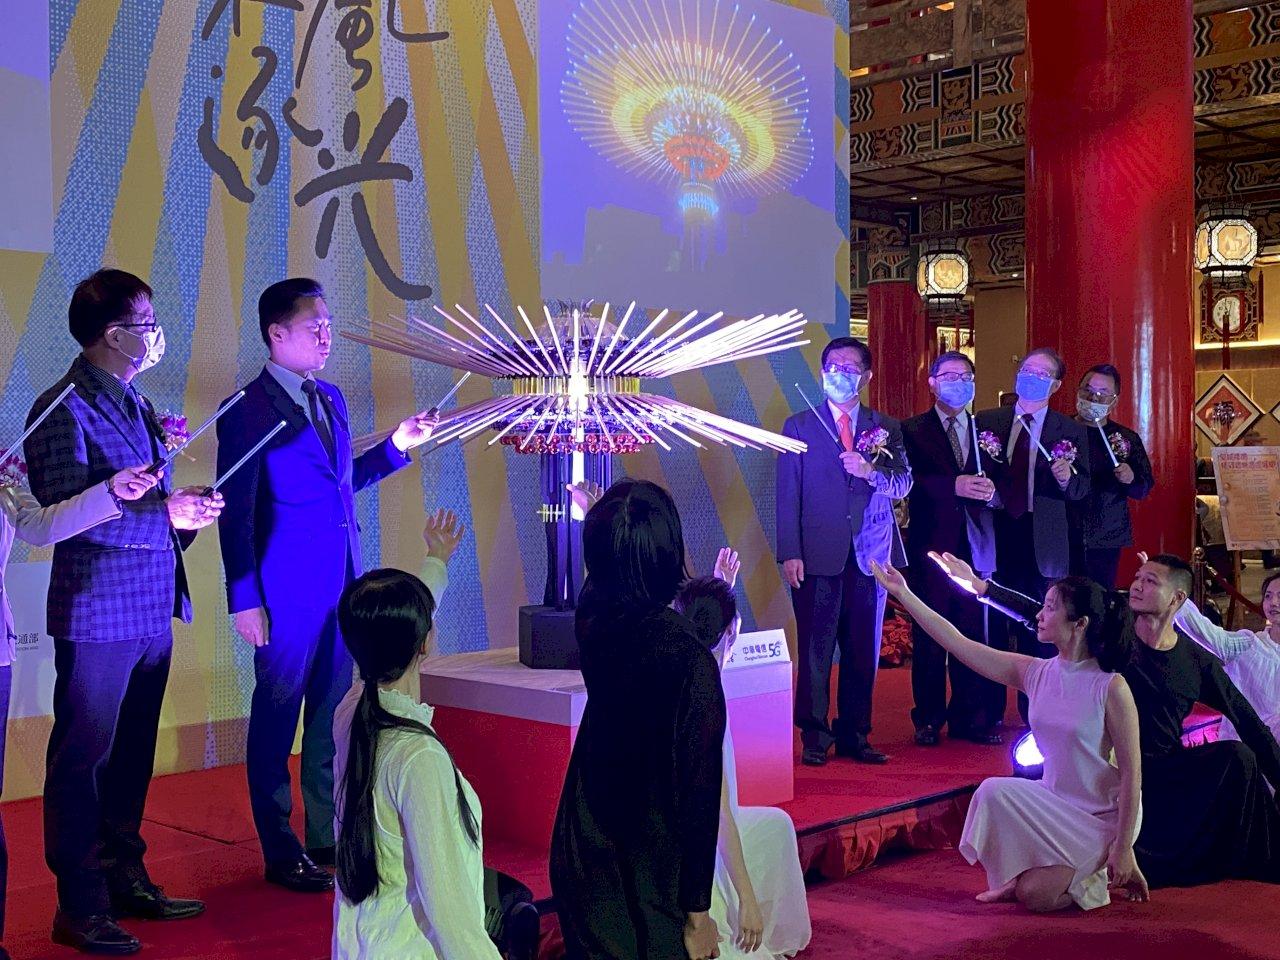 2021台灣燈會主燈「乘風逐光」 展現科技藝術新境界 (影音)